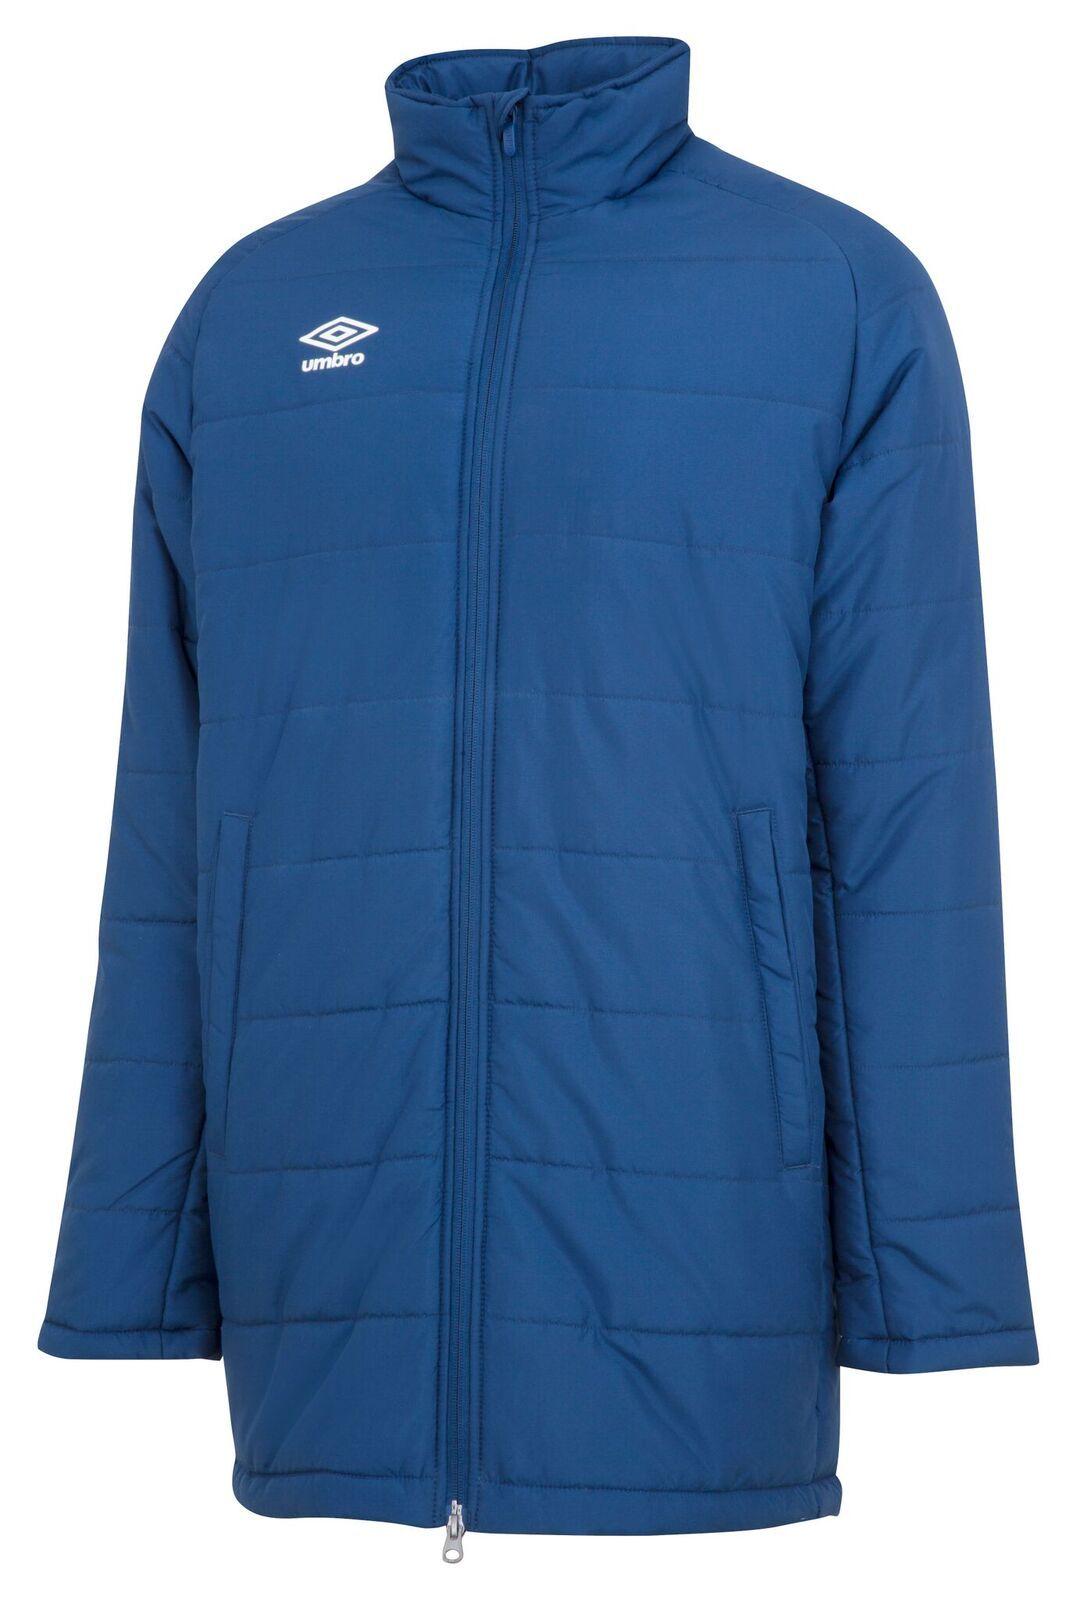 padded jacket navy 30503 p